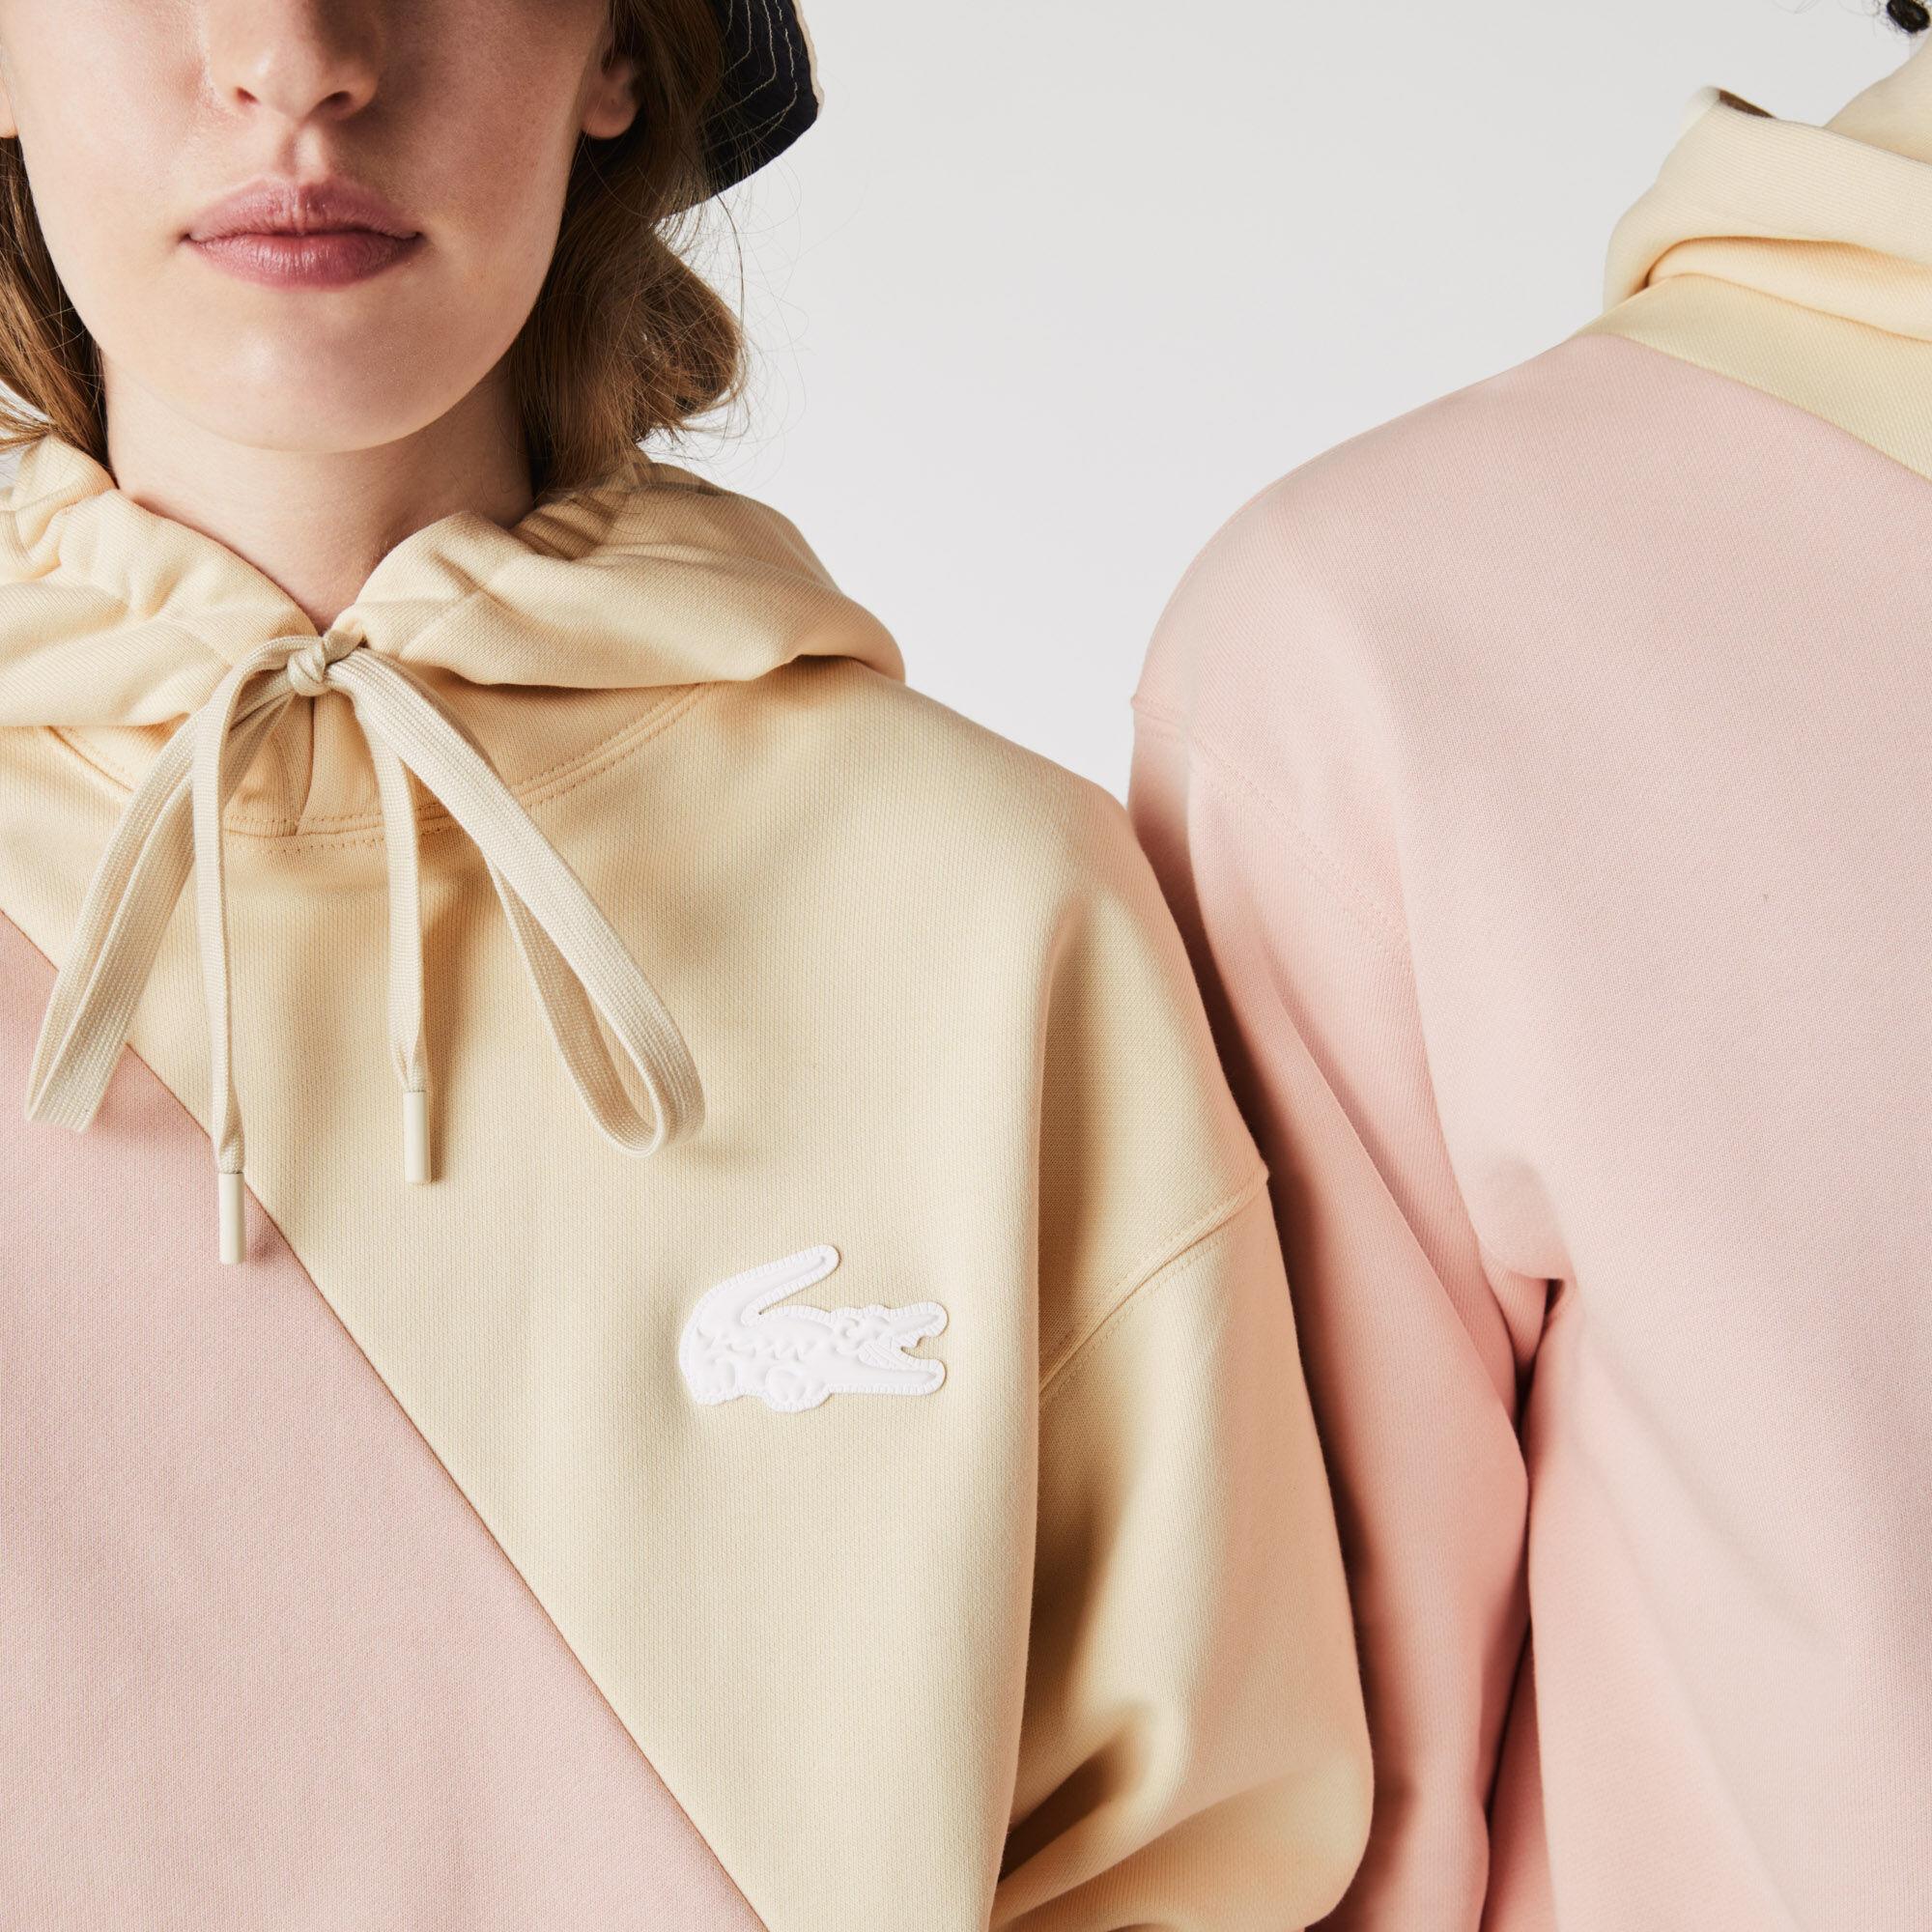 سويت شيرت صوف مزدوج اللون بغطاء رأس وقصة فضفاضة للجنسين مجموعة Lacoste LIVE